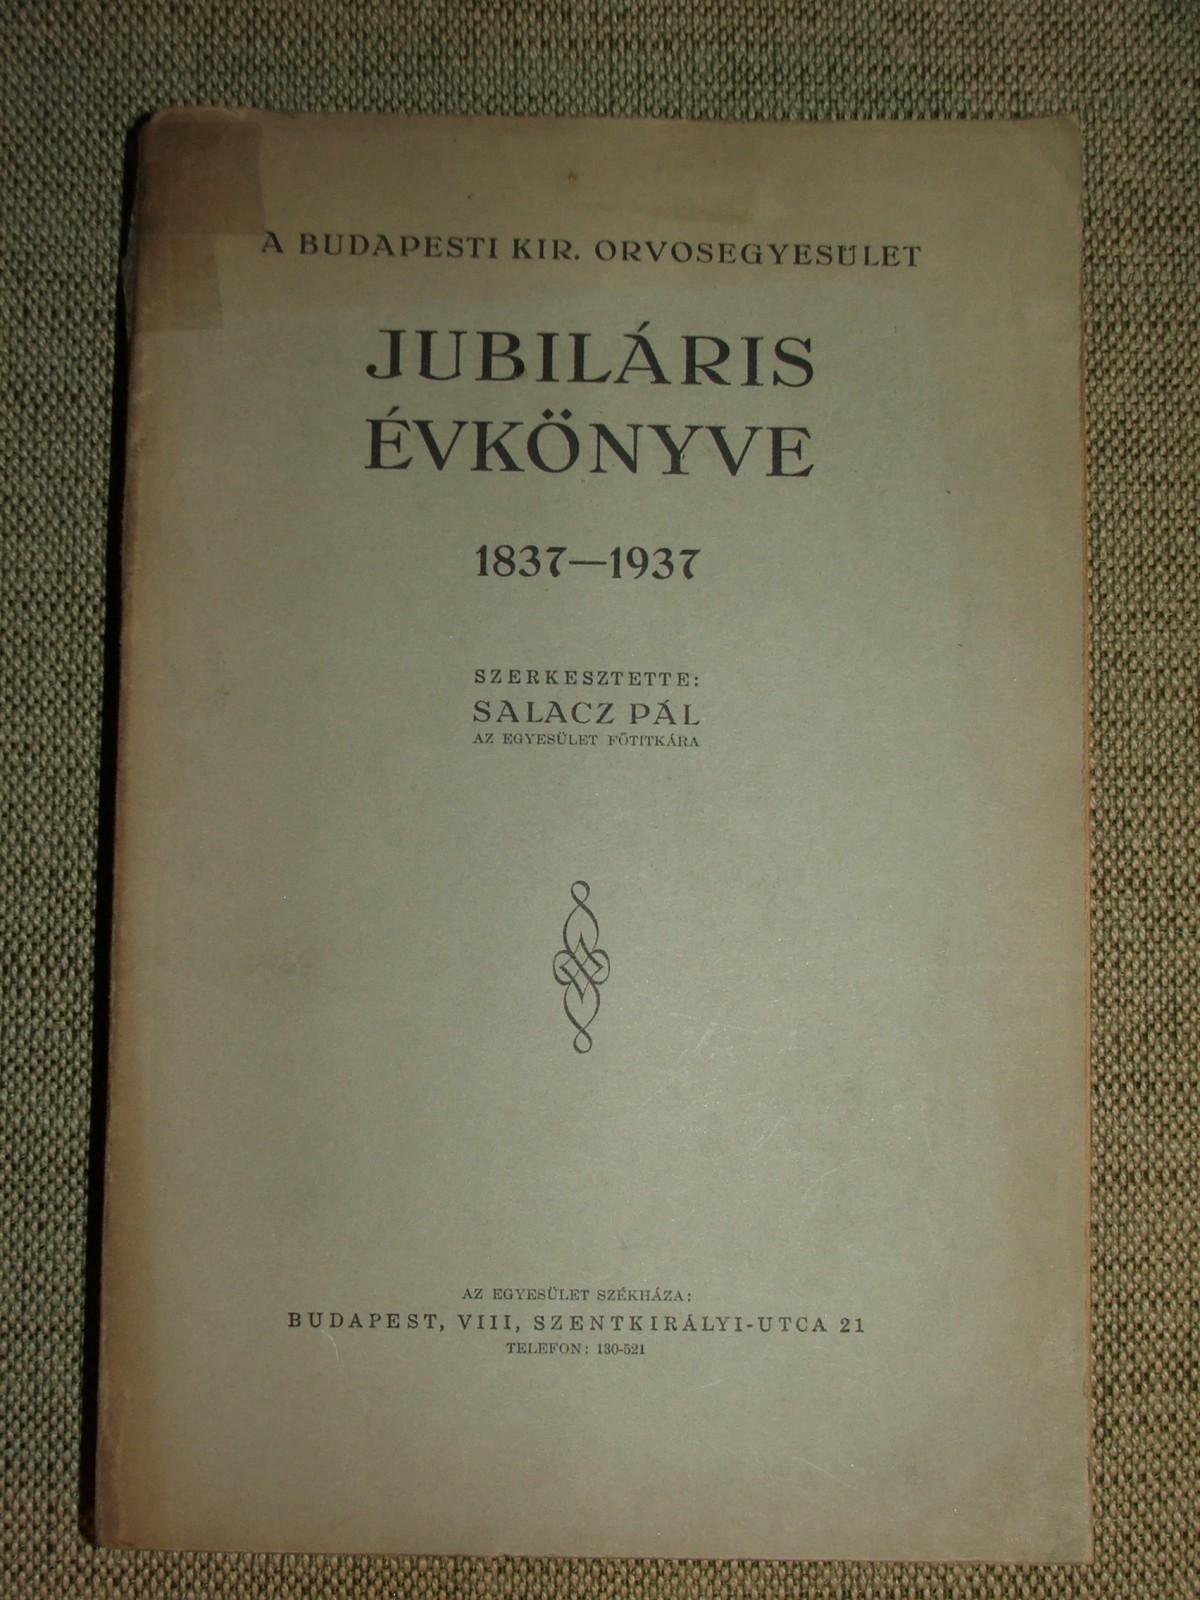 SALACZ Pál (szerk.): A Budapesti Kir. Orvosegyesület jubiláris évkönyve 1837-1937